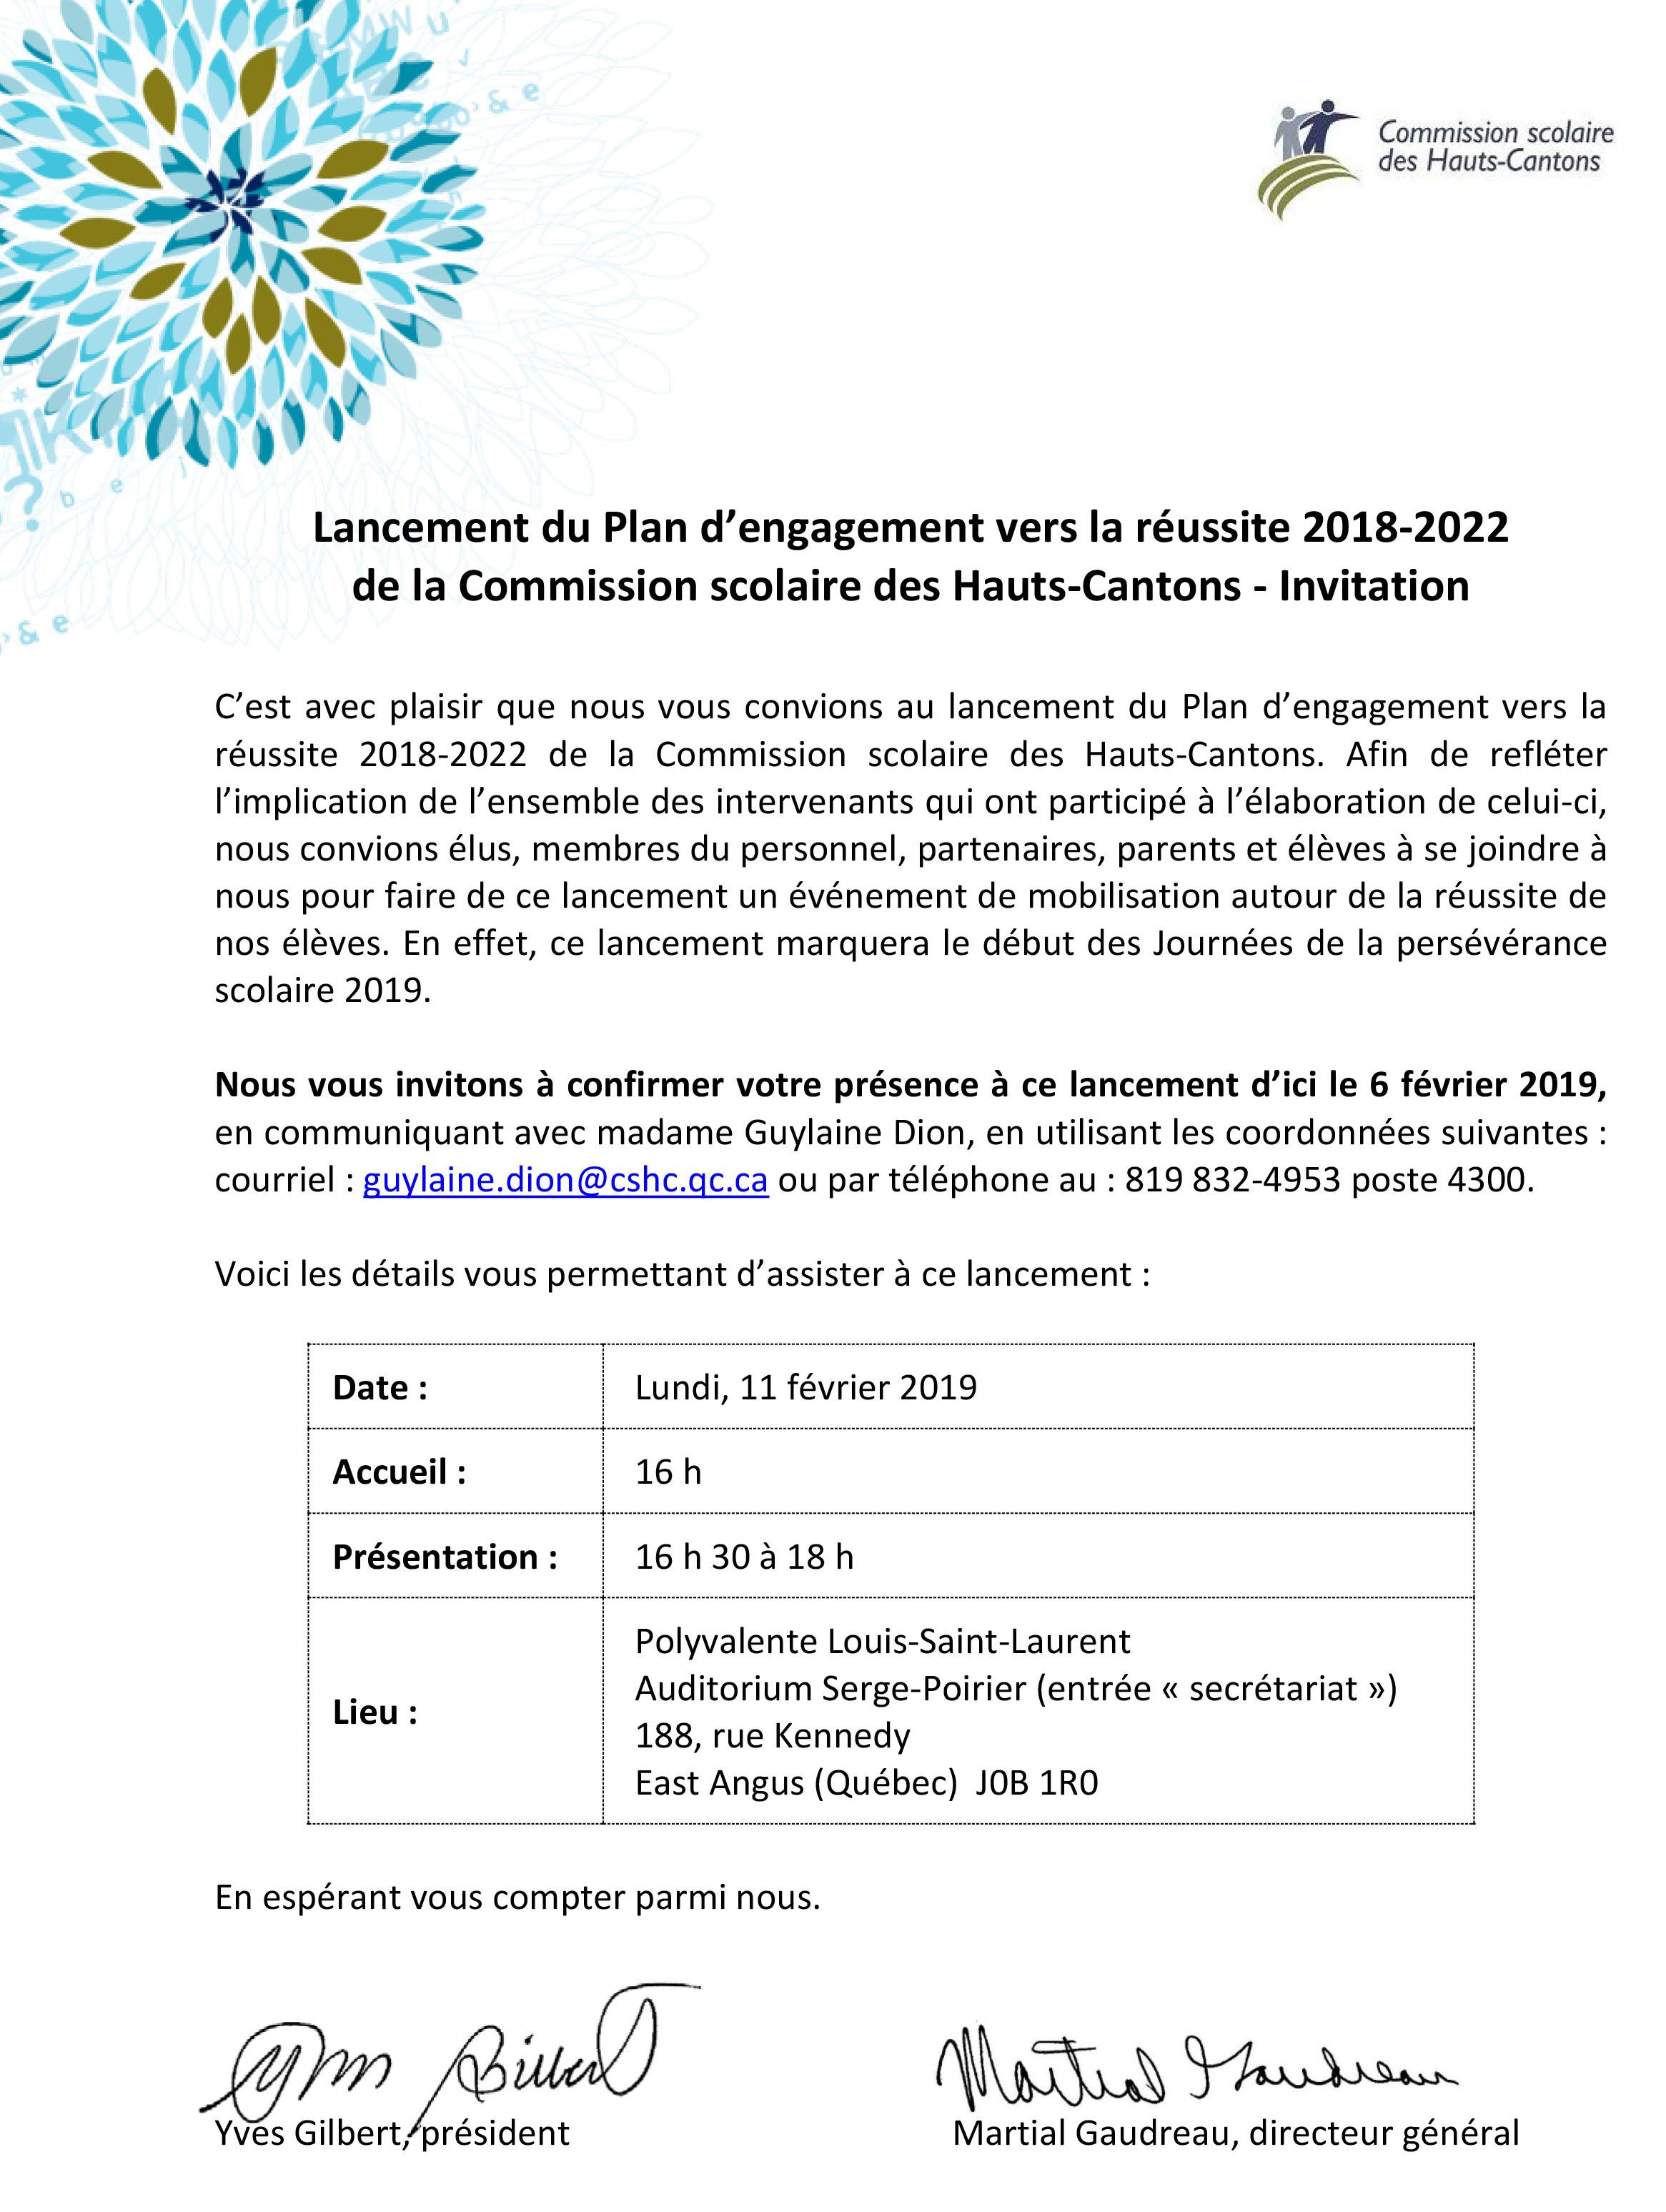 Calendrier Scolaire 2018_2022 Lancement du Plan d'engagement vers la réussite 2018 2022 de la